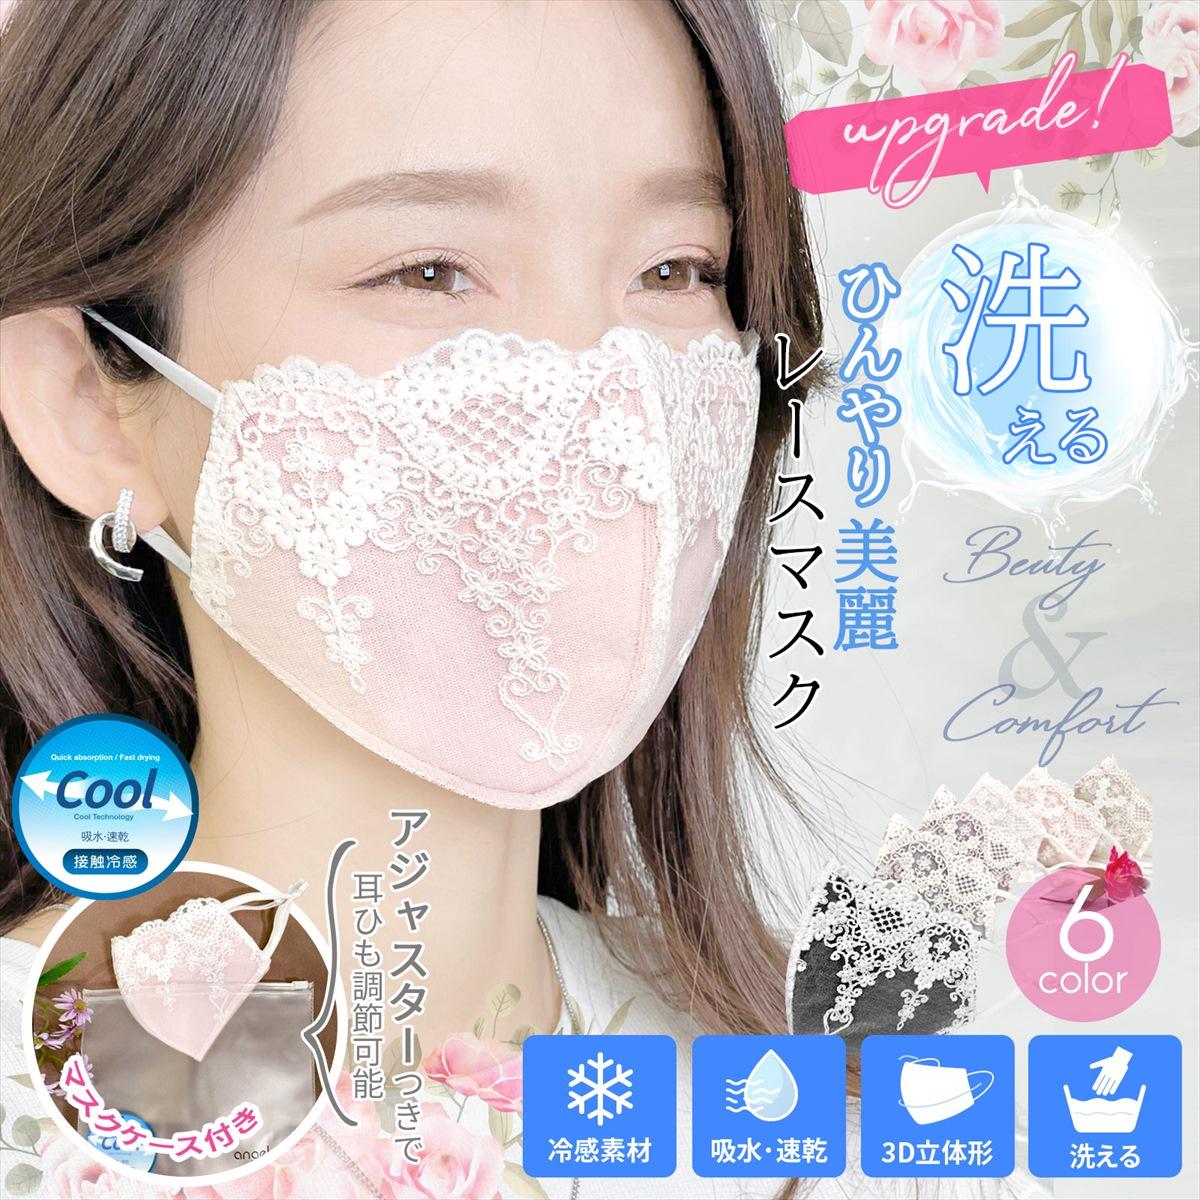 [アジャスターつき]上品チュールレース美麗マスク 洗えるマスク 吸水速乾 花粉対策 [RC024]